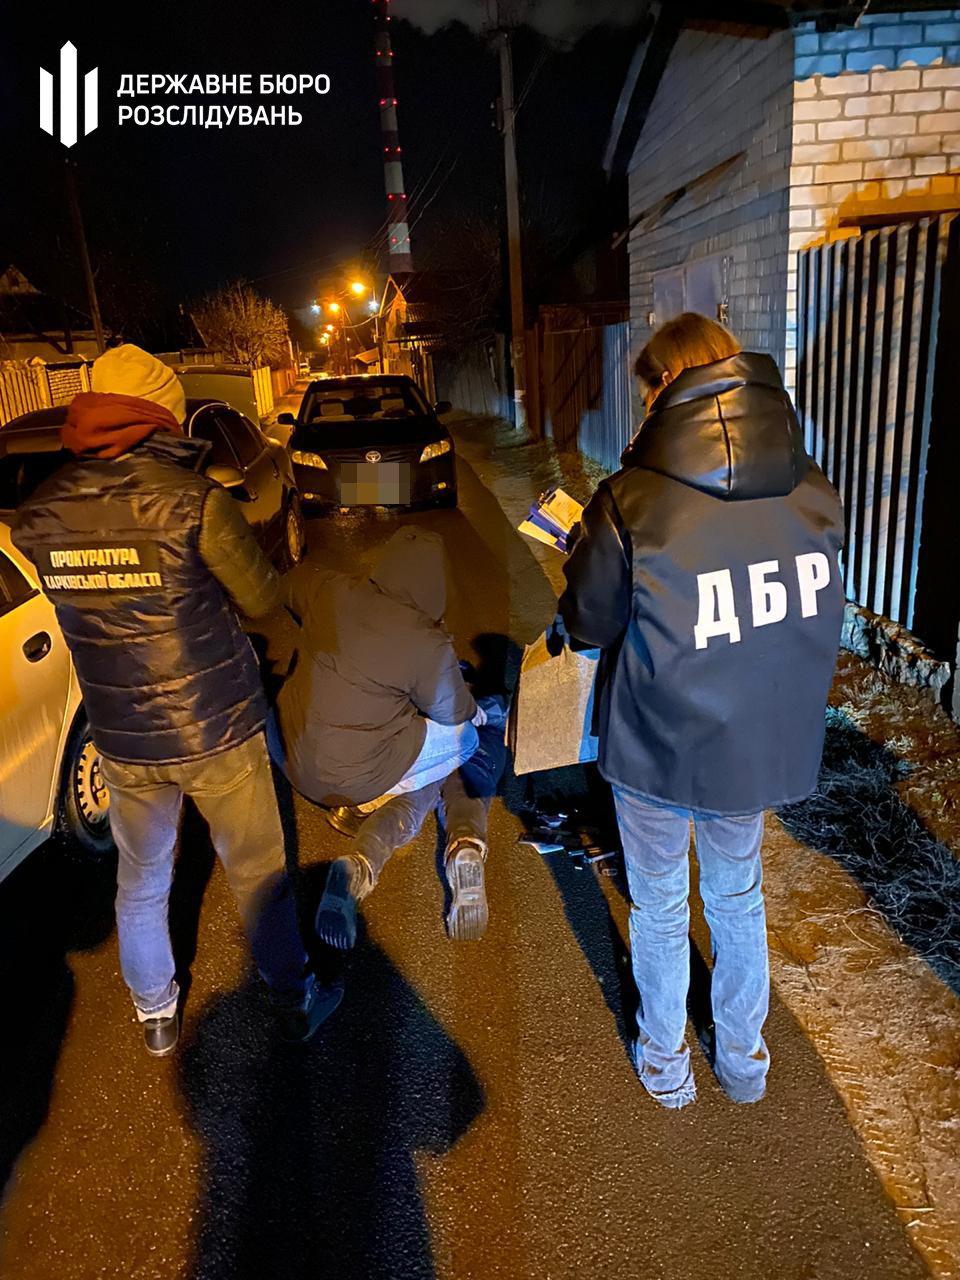 На Харьковщине будут судить двух полицейских, обвиняемых в требовании взятки от матери и сына, - ФОТО, фото-1